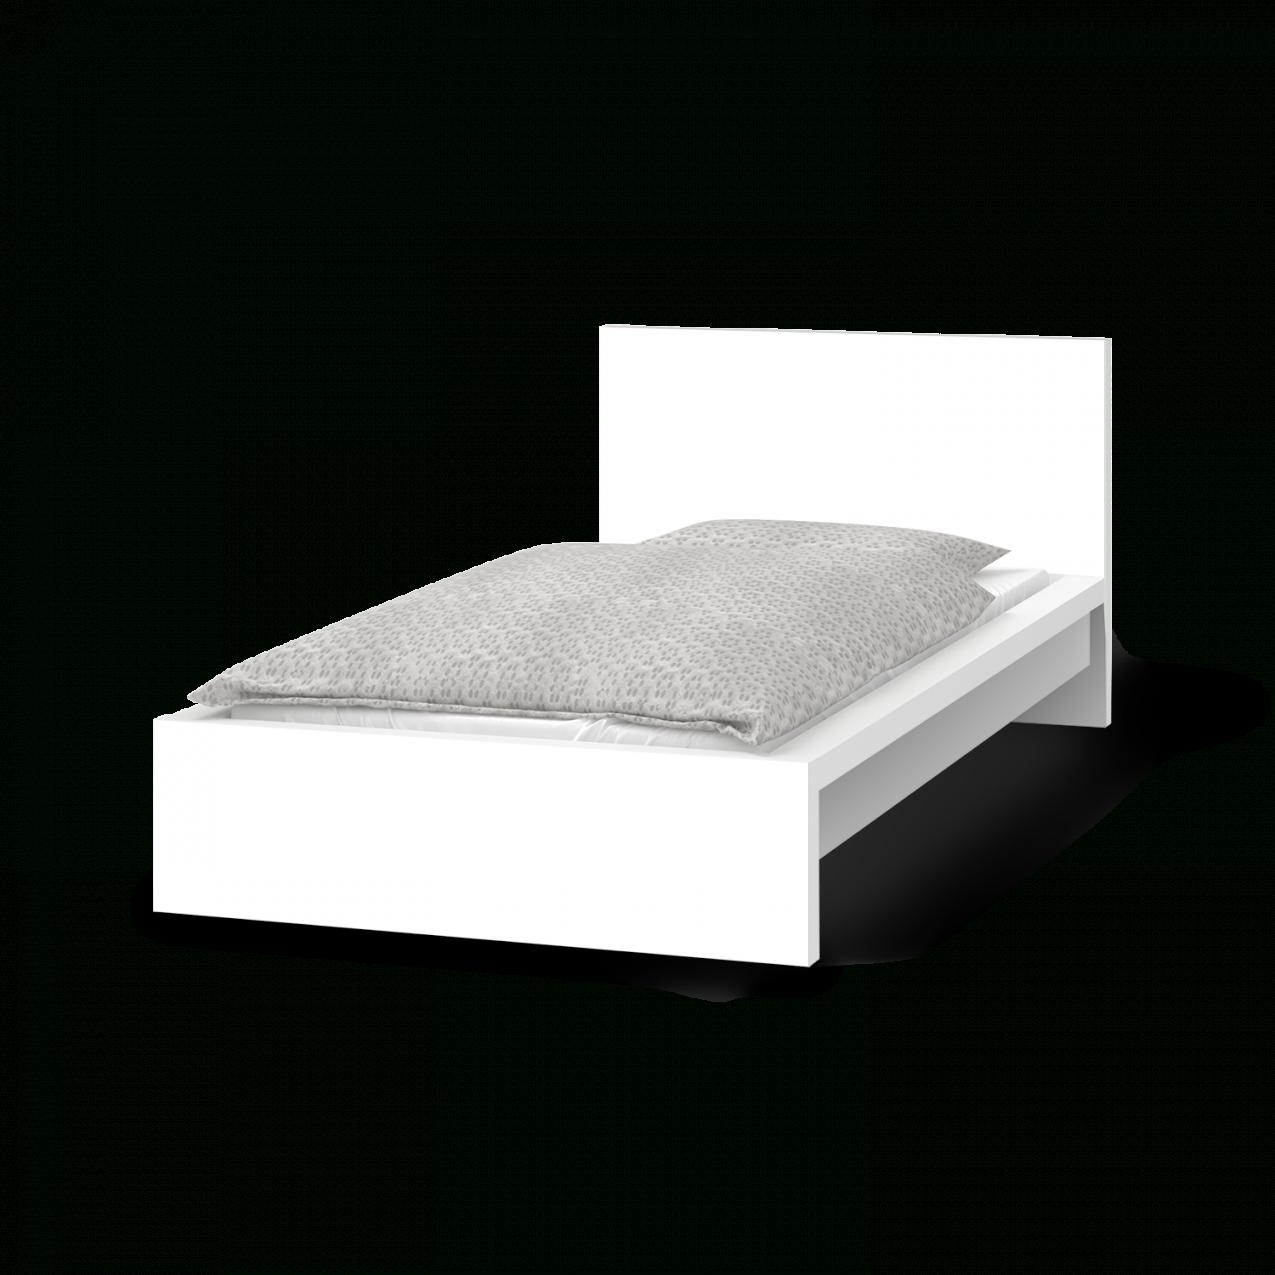 Full Size of Betten 90x200 Ikea Wei Flair Metallbett 120x200 In Xxl Bett Weiß Mit Schubladen Jugend München Ebay 180x200 Ruf Preise 160x200 Französische 100x200 Amazon Bett Betten 90x200